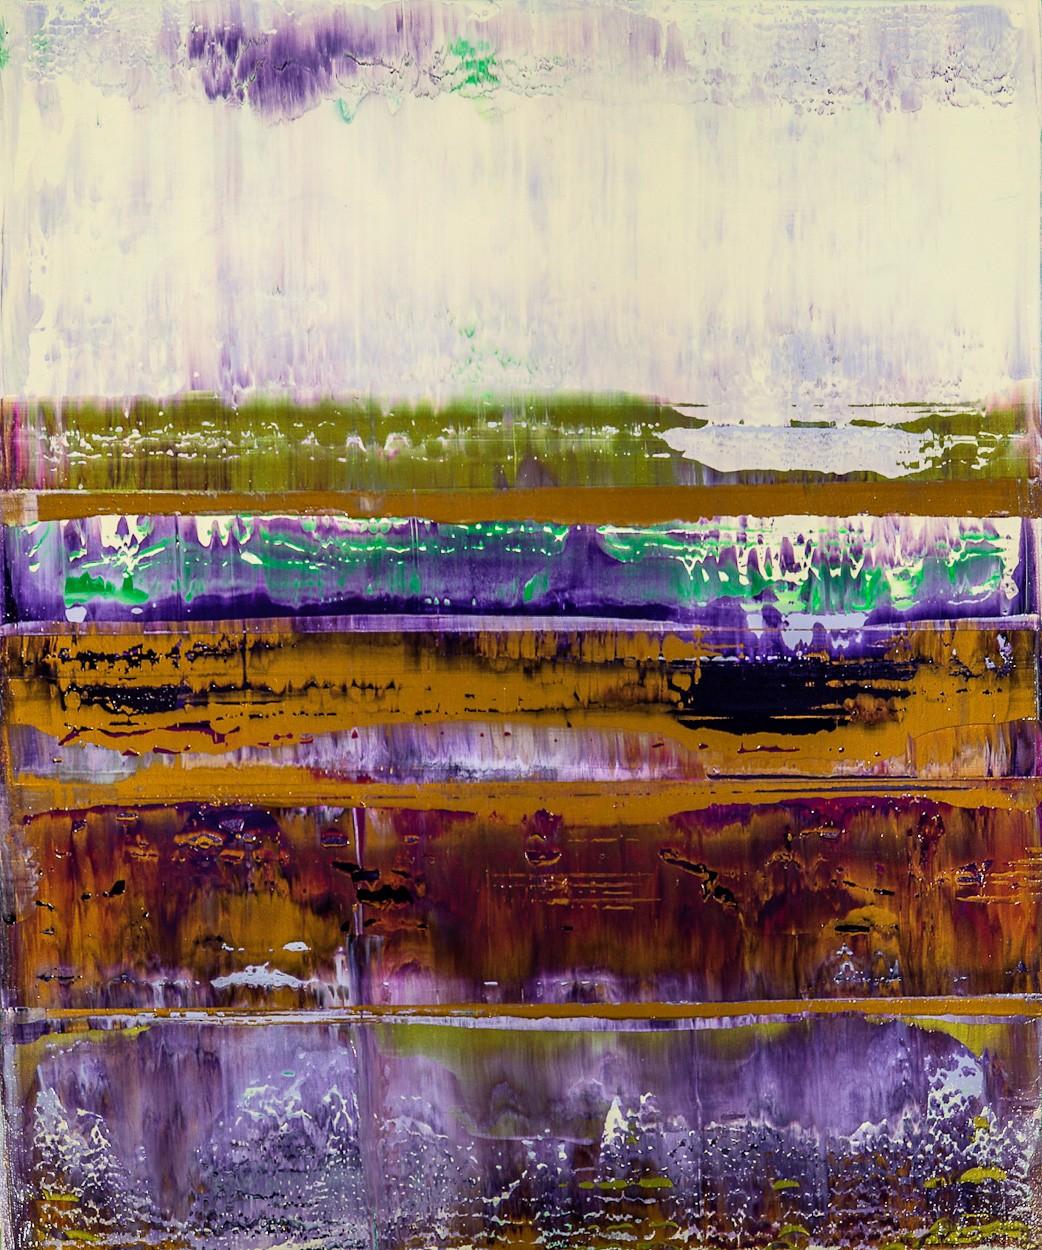 Prisma 8 - Manganprise | Malerei von Lali Torma | Acryl auf Leinwand, abstrakt